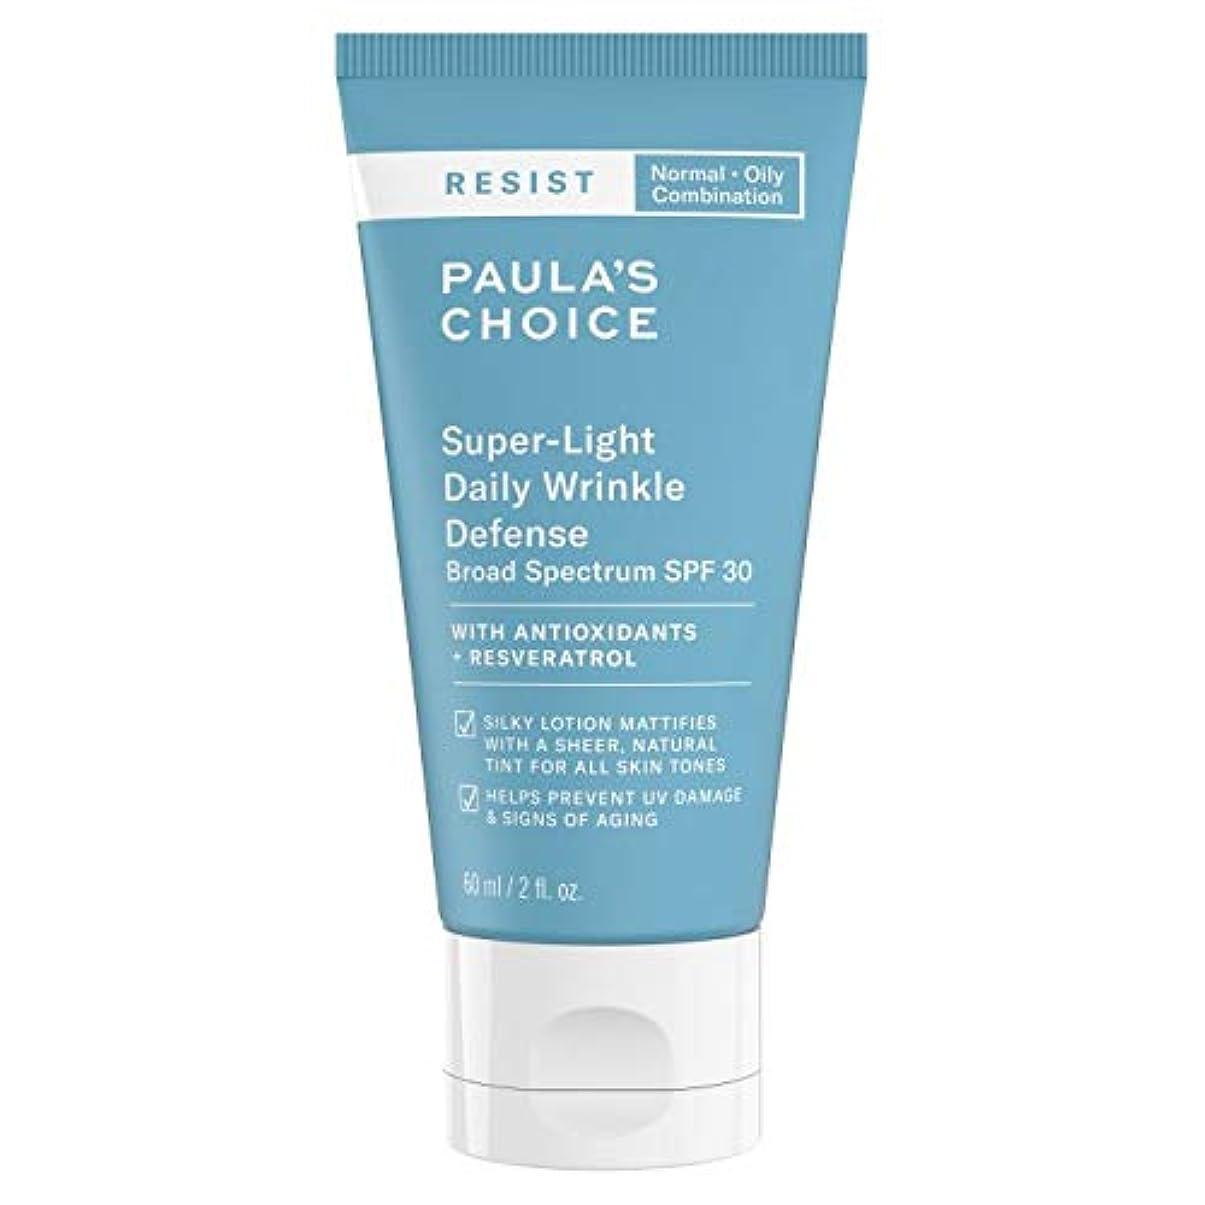 読み書きのできないかろうじてかけがえのないポーラチョイス レジスト スーパーライト 毎日のしわの防衛 サンスクリーン (60ml) SPF30 / Paula's Choice Resist Super-Light Daily Wrinkle Defense Sunscreen